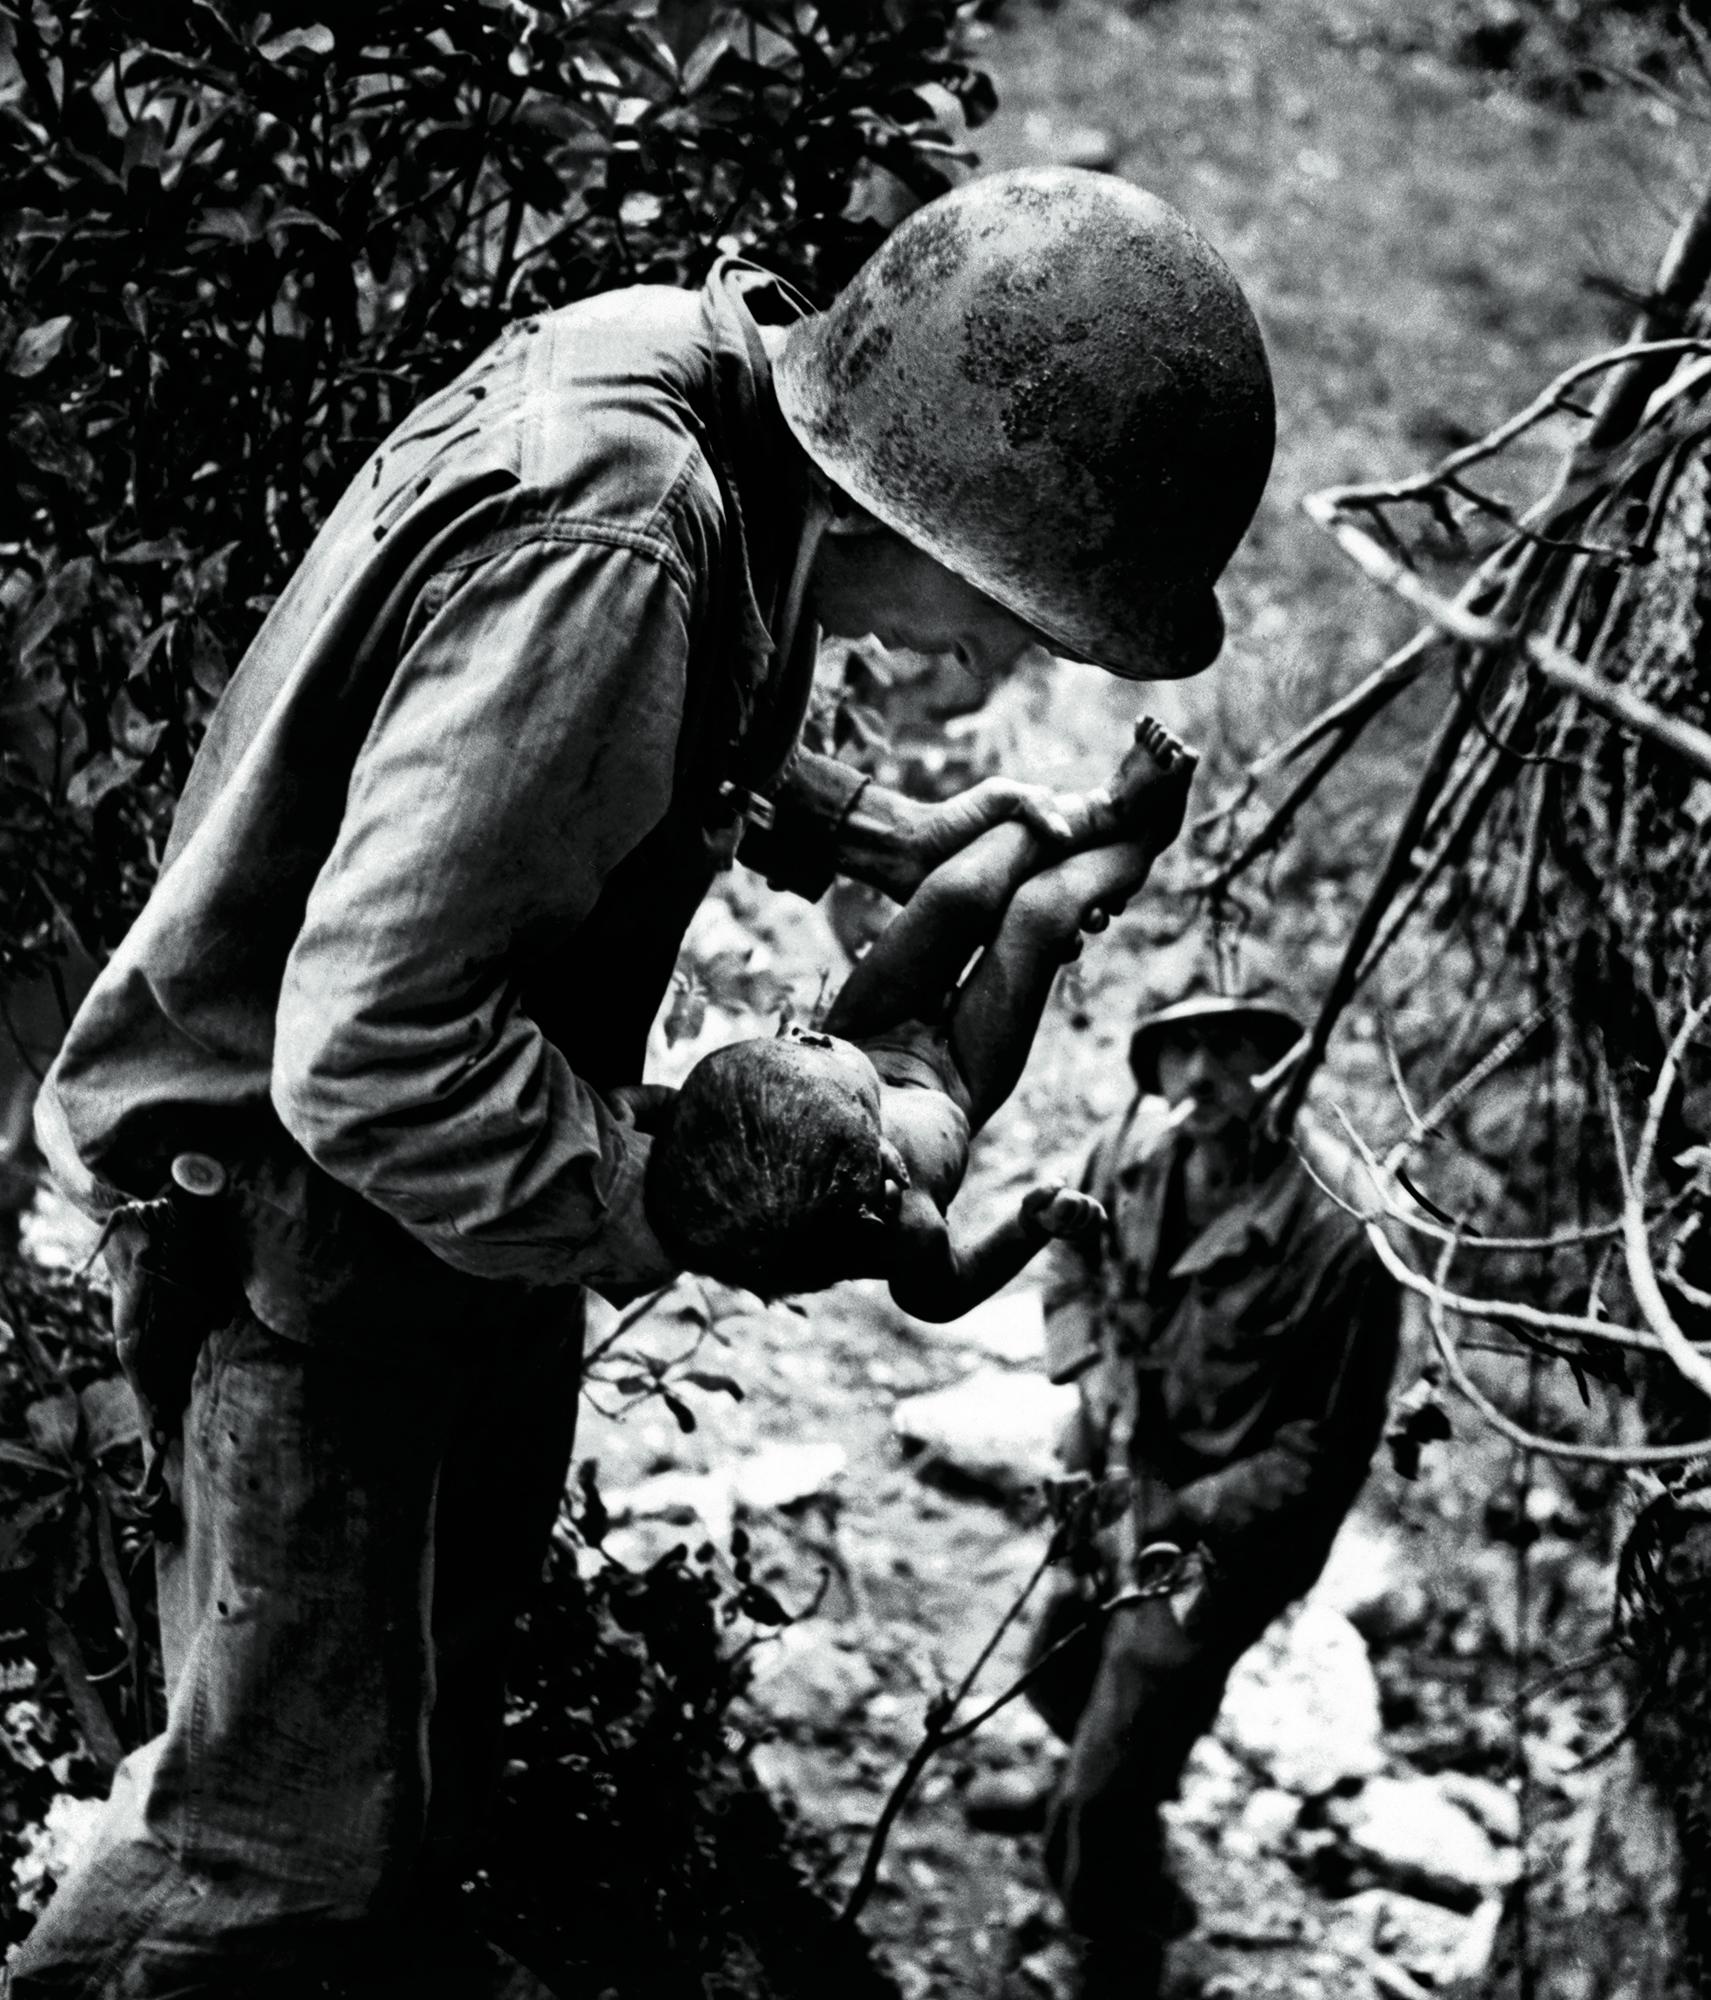 Fuzileiro naval segura criança ferida encontrada nas montanhas. Batalha da ilha de Saipan, Campanha do Pacífico, junho de 1944. ©W. Eugene Smith/Magnum Photos/Latinstock